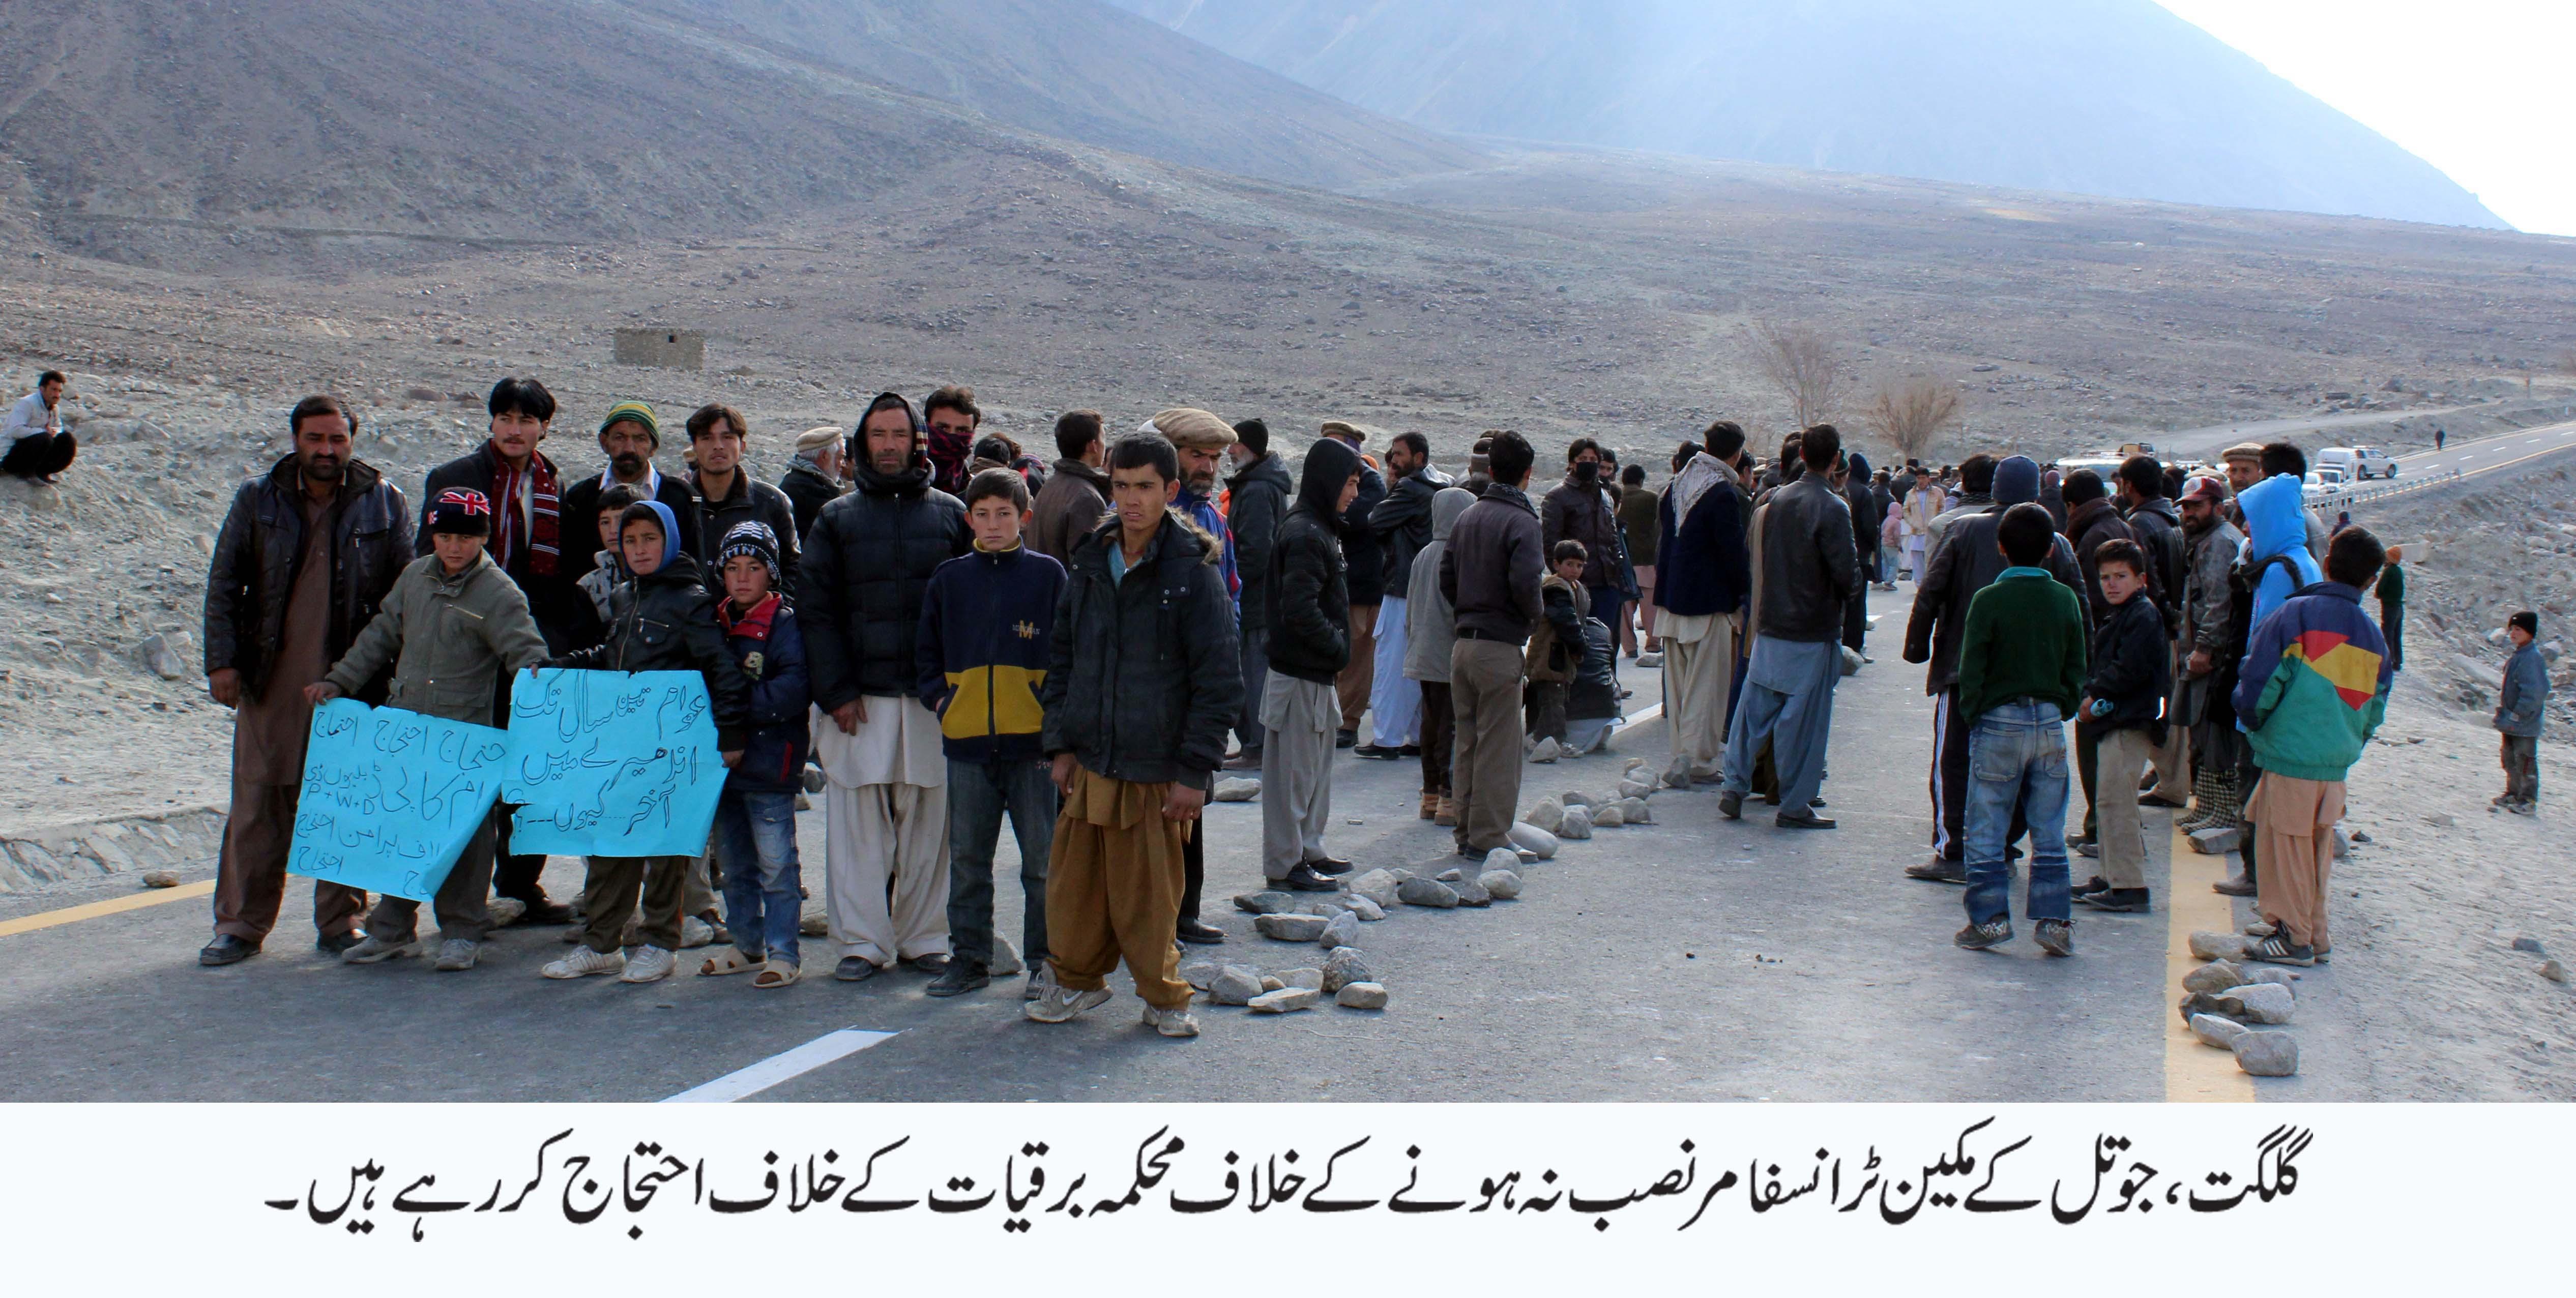 جوتل, حسنین آباد کے مکینوں کا  شاہراہ قراقرم پر محکمہ برقیات کے خلاف احتجاج